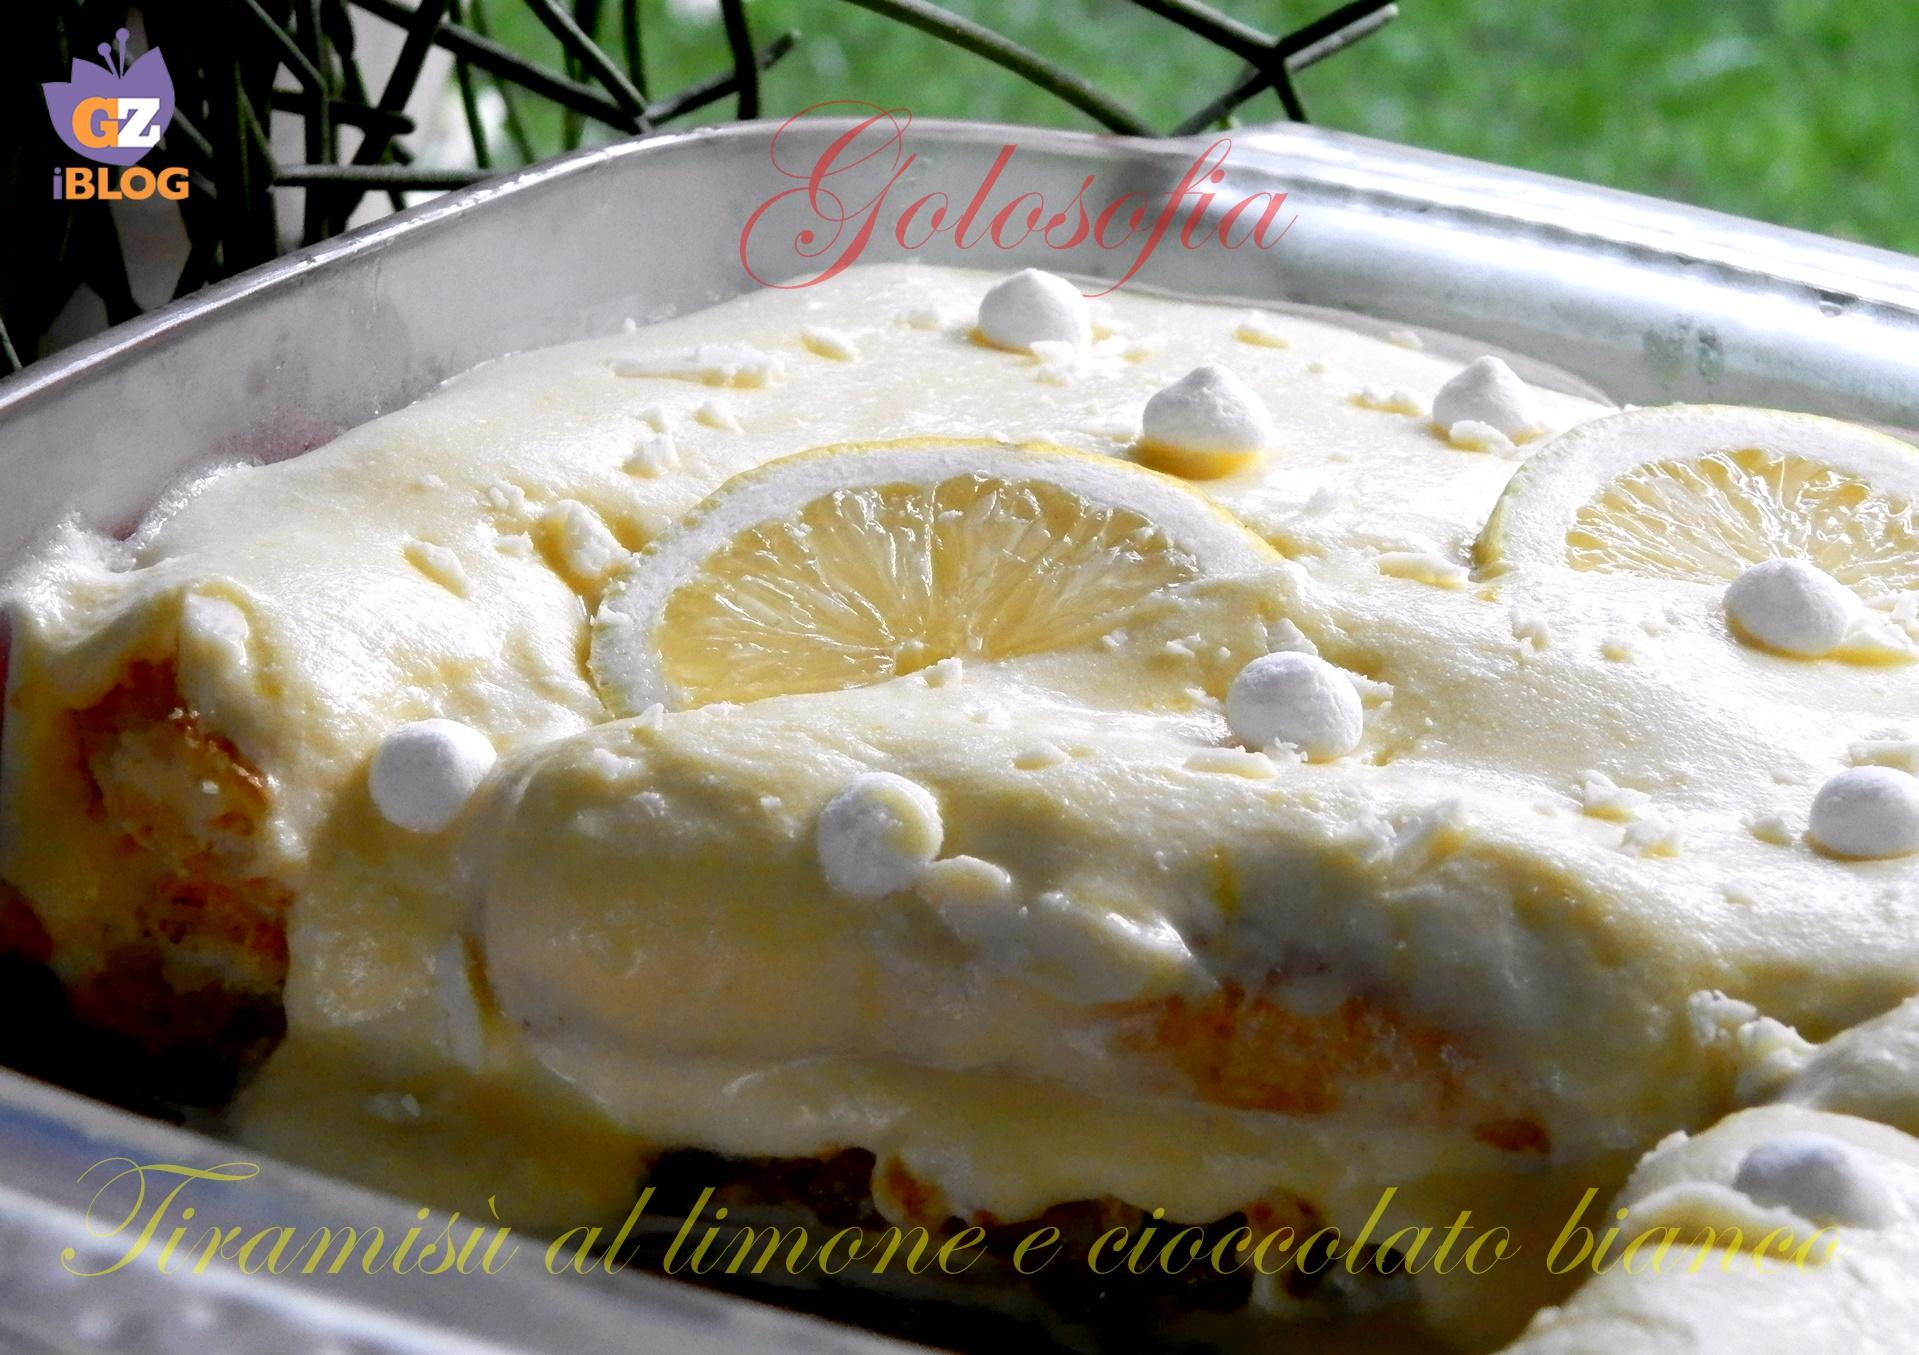 Tiramisù al limone e cioccolato bianco-ricetta dolci-golosofia